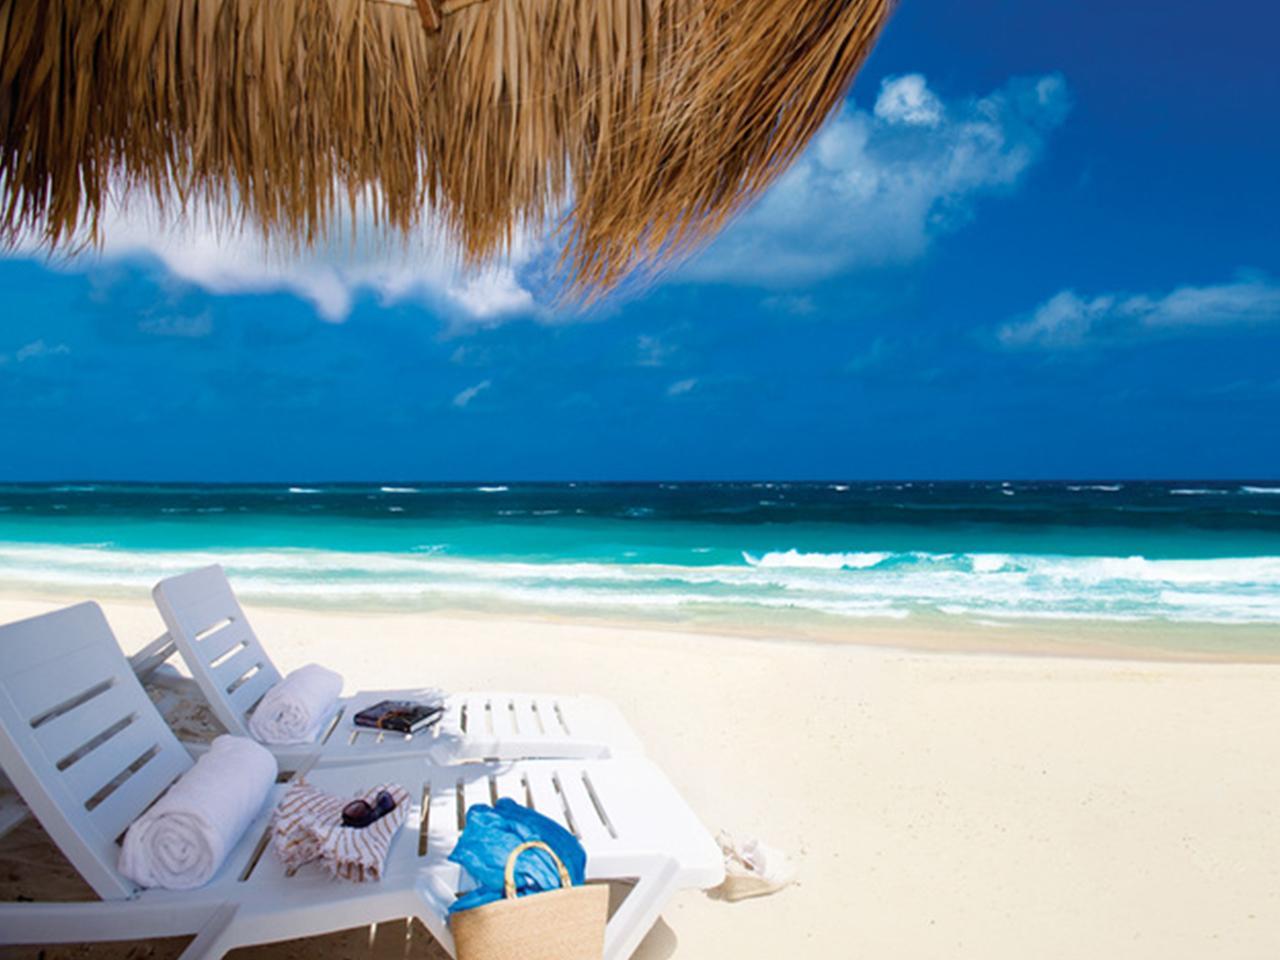 wedding Planner en Monterrey, Boda en la playa, Las mejores bodas en la playa en México -wedding Planner en Monterrey, Boda en la playa, Las mejores bodas en la playa en México -Paquete en cortesia (10 personas o más)